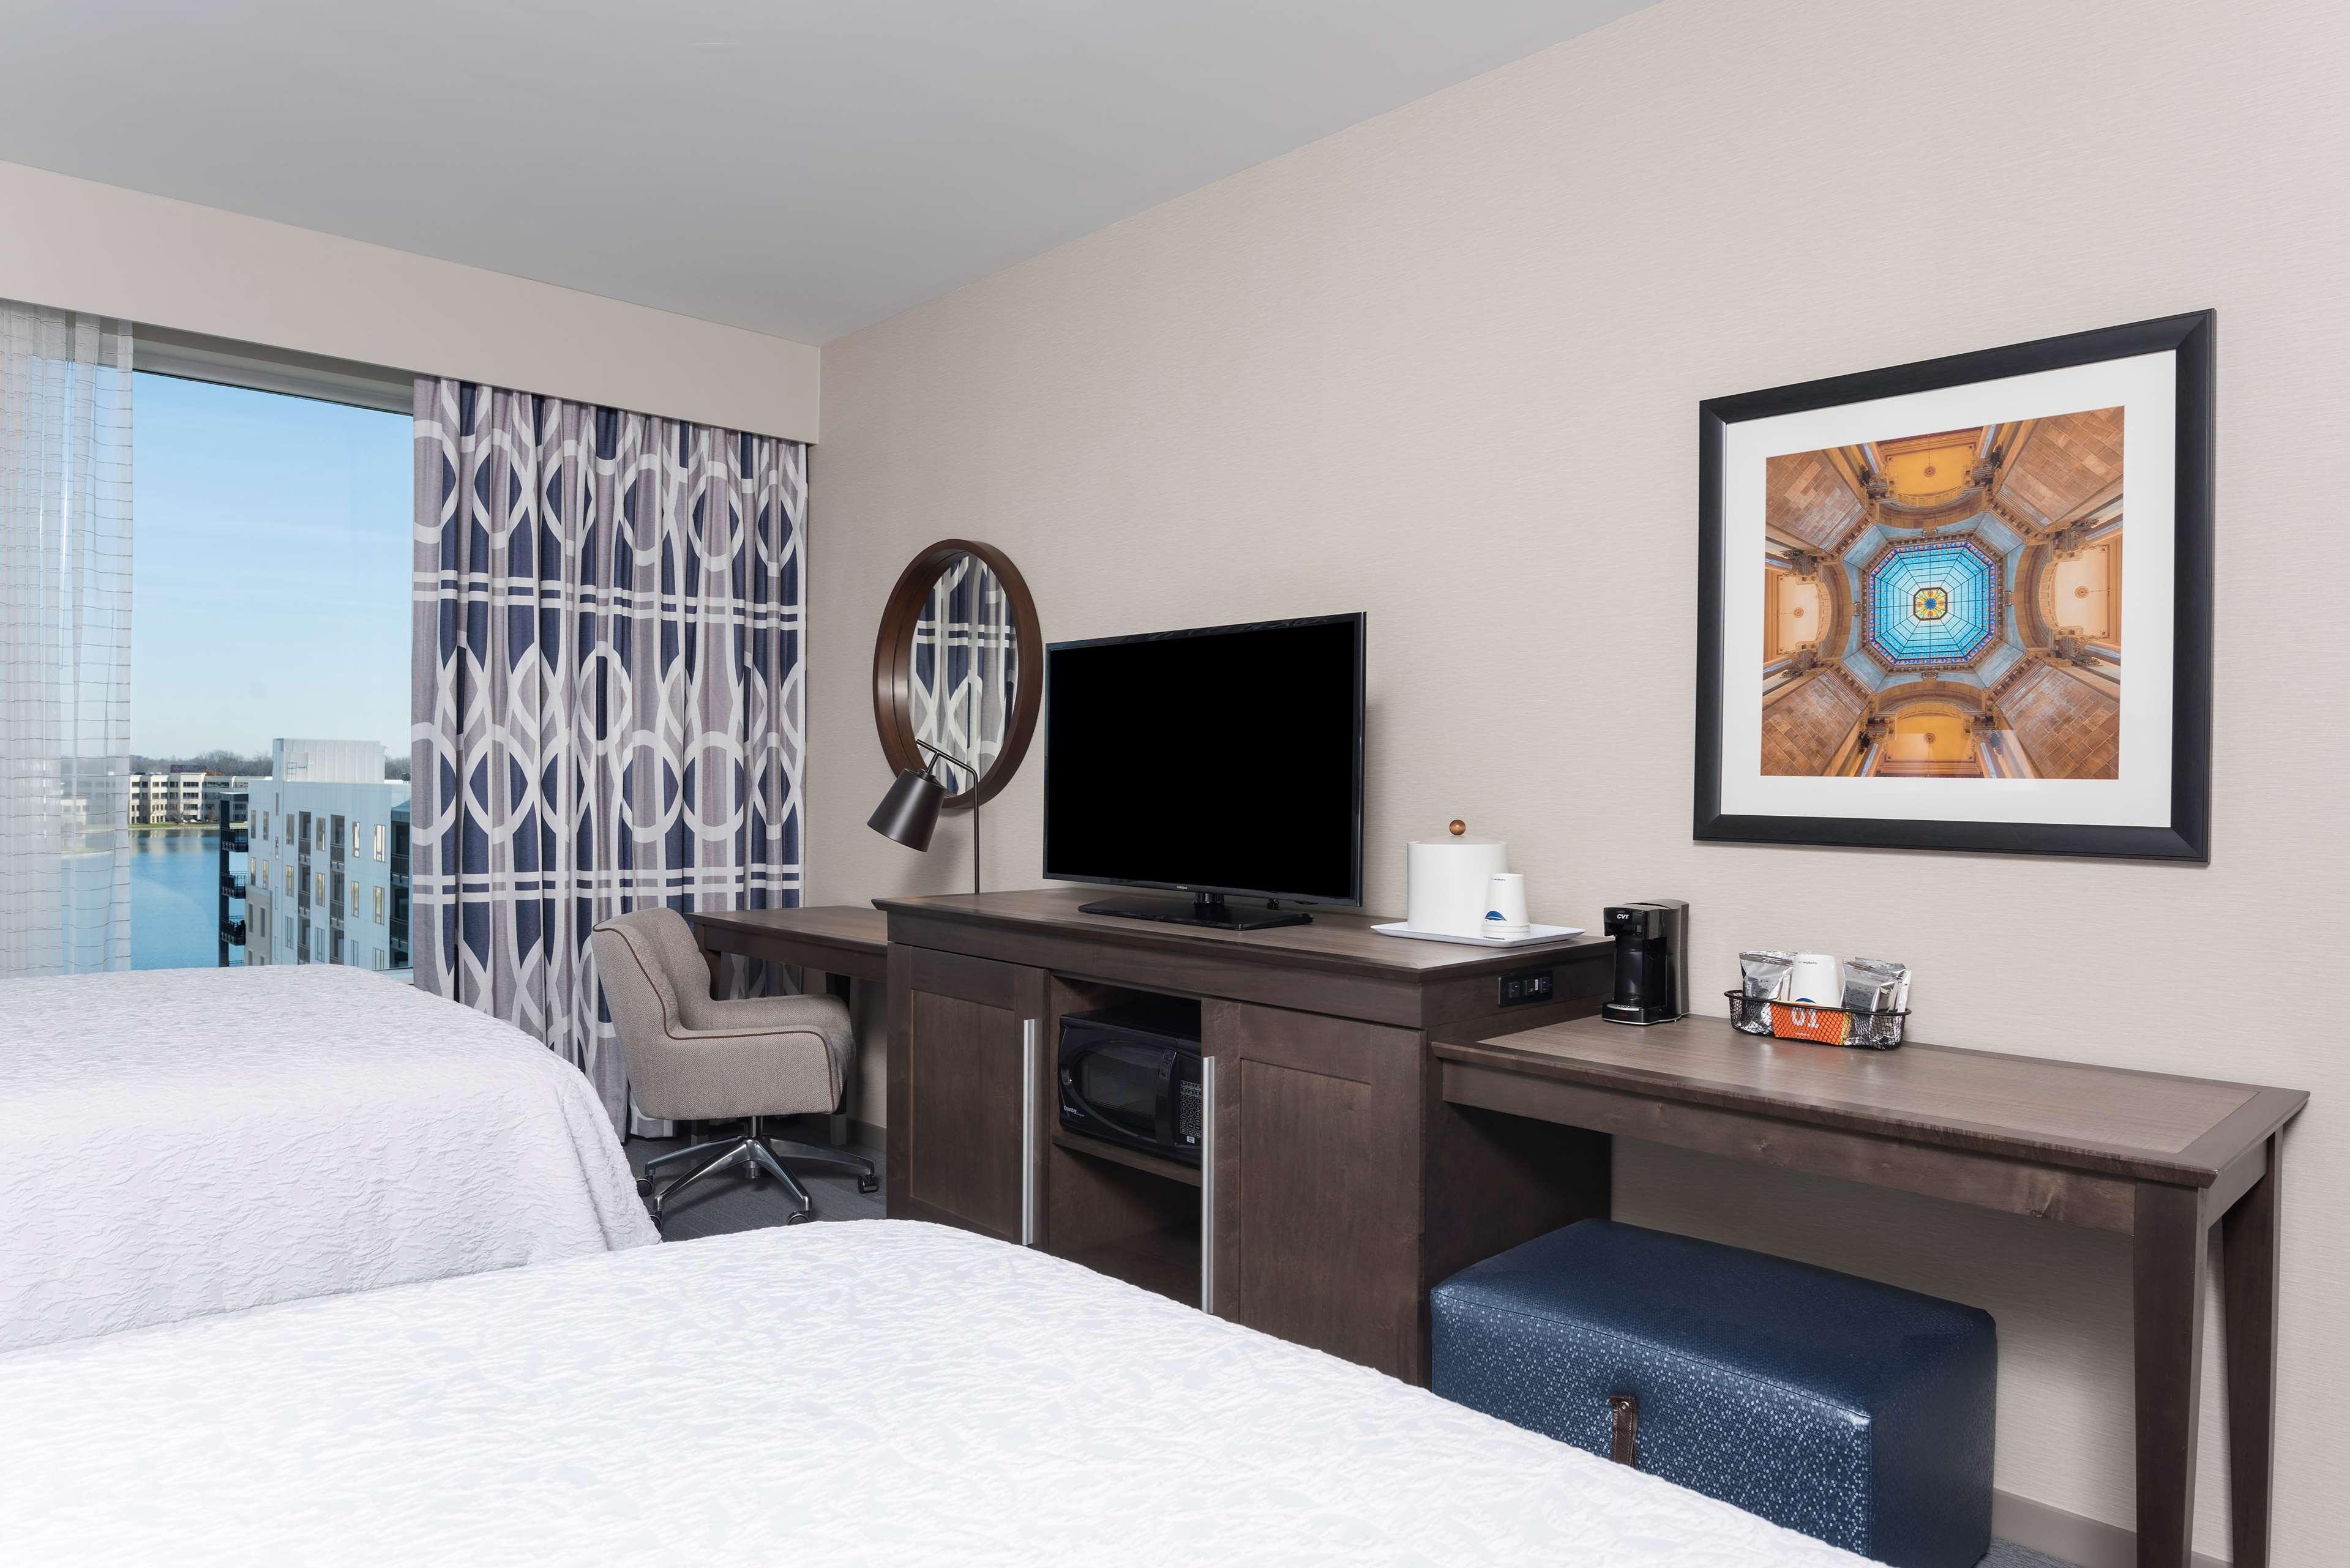 Hampton Inn & Suites Indianapolis-Keystone image 36